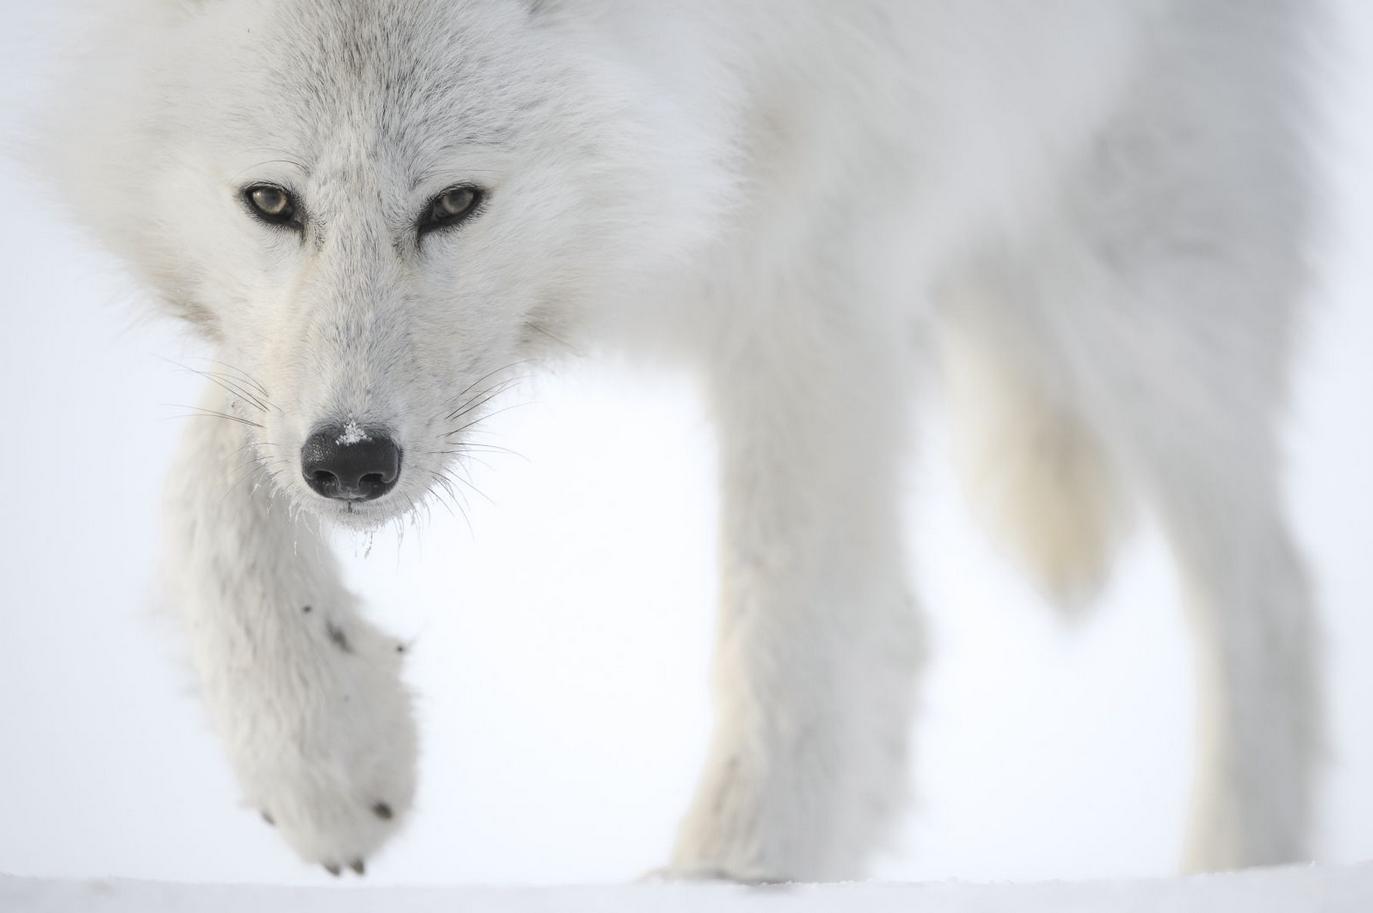 Photographie d'un Loup blanc par Vincent Munier